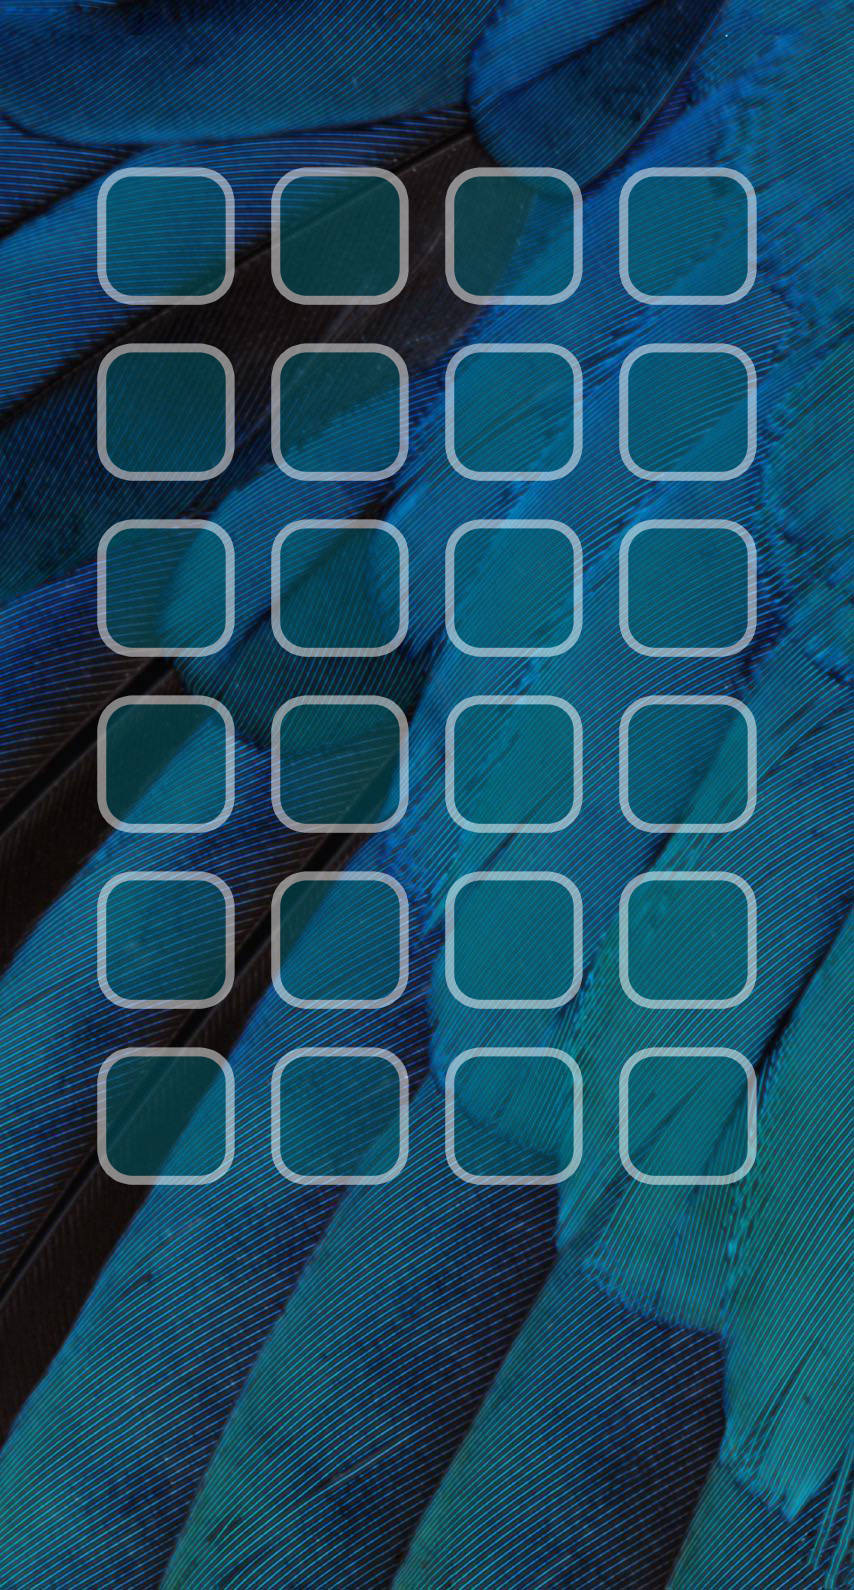 羽青緑棚クール Wallpaper Sc Iphone6s壁紙